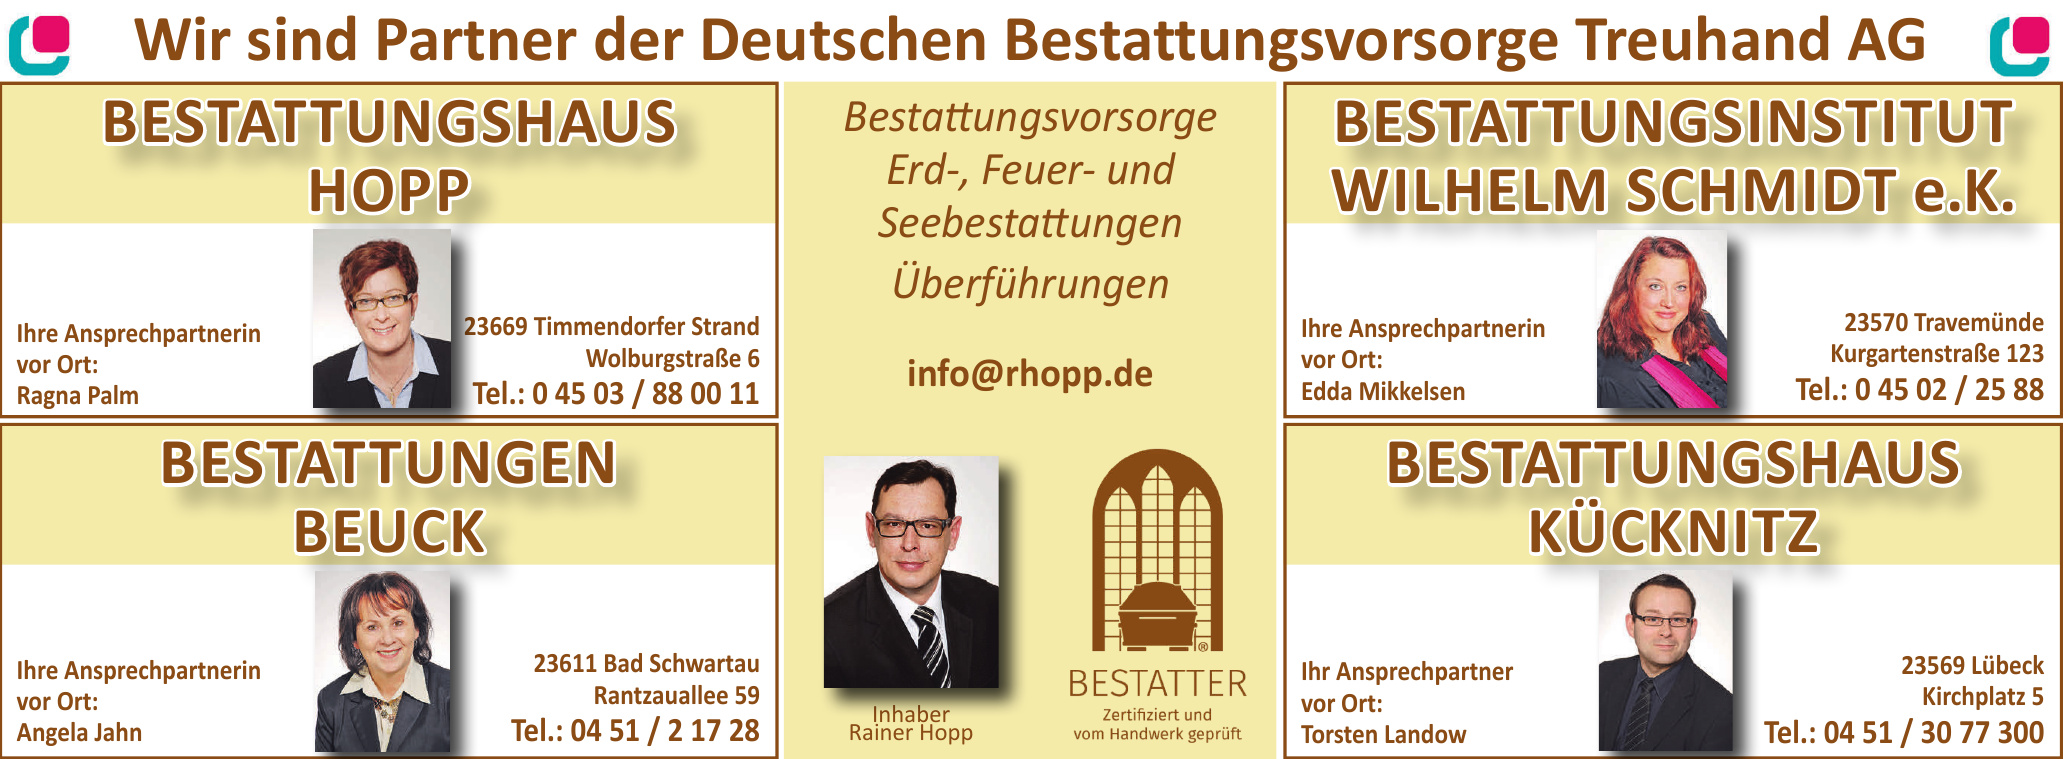 Deutschen Bestattungsvorsorge Treuhand AG - Bestattungshaus Hopp